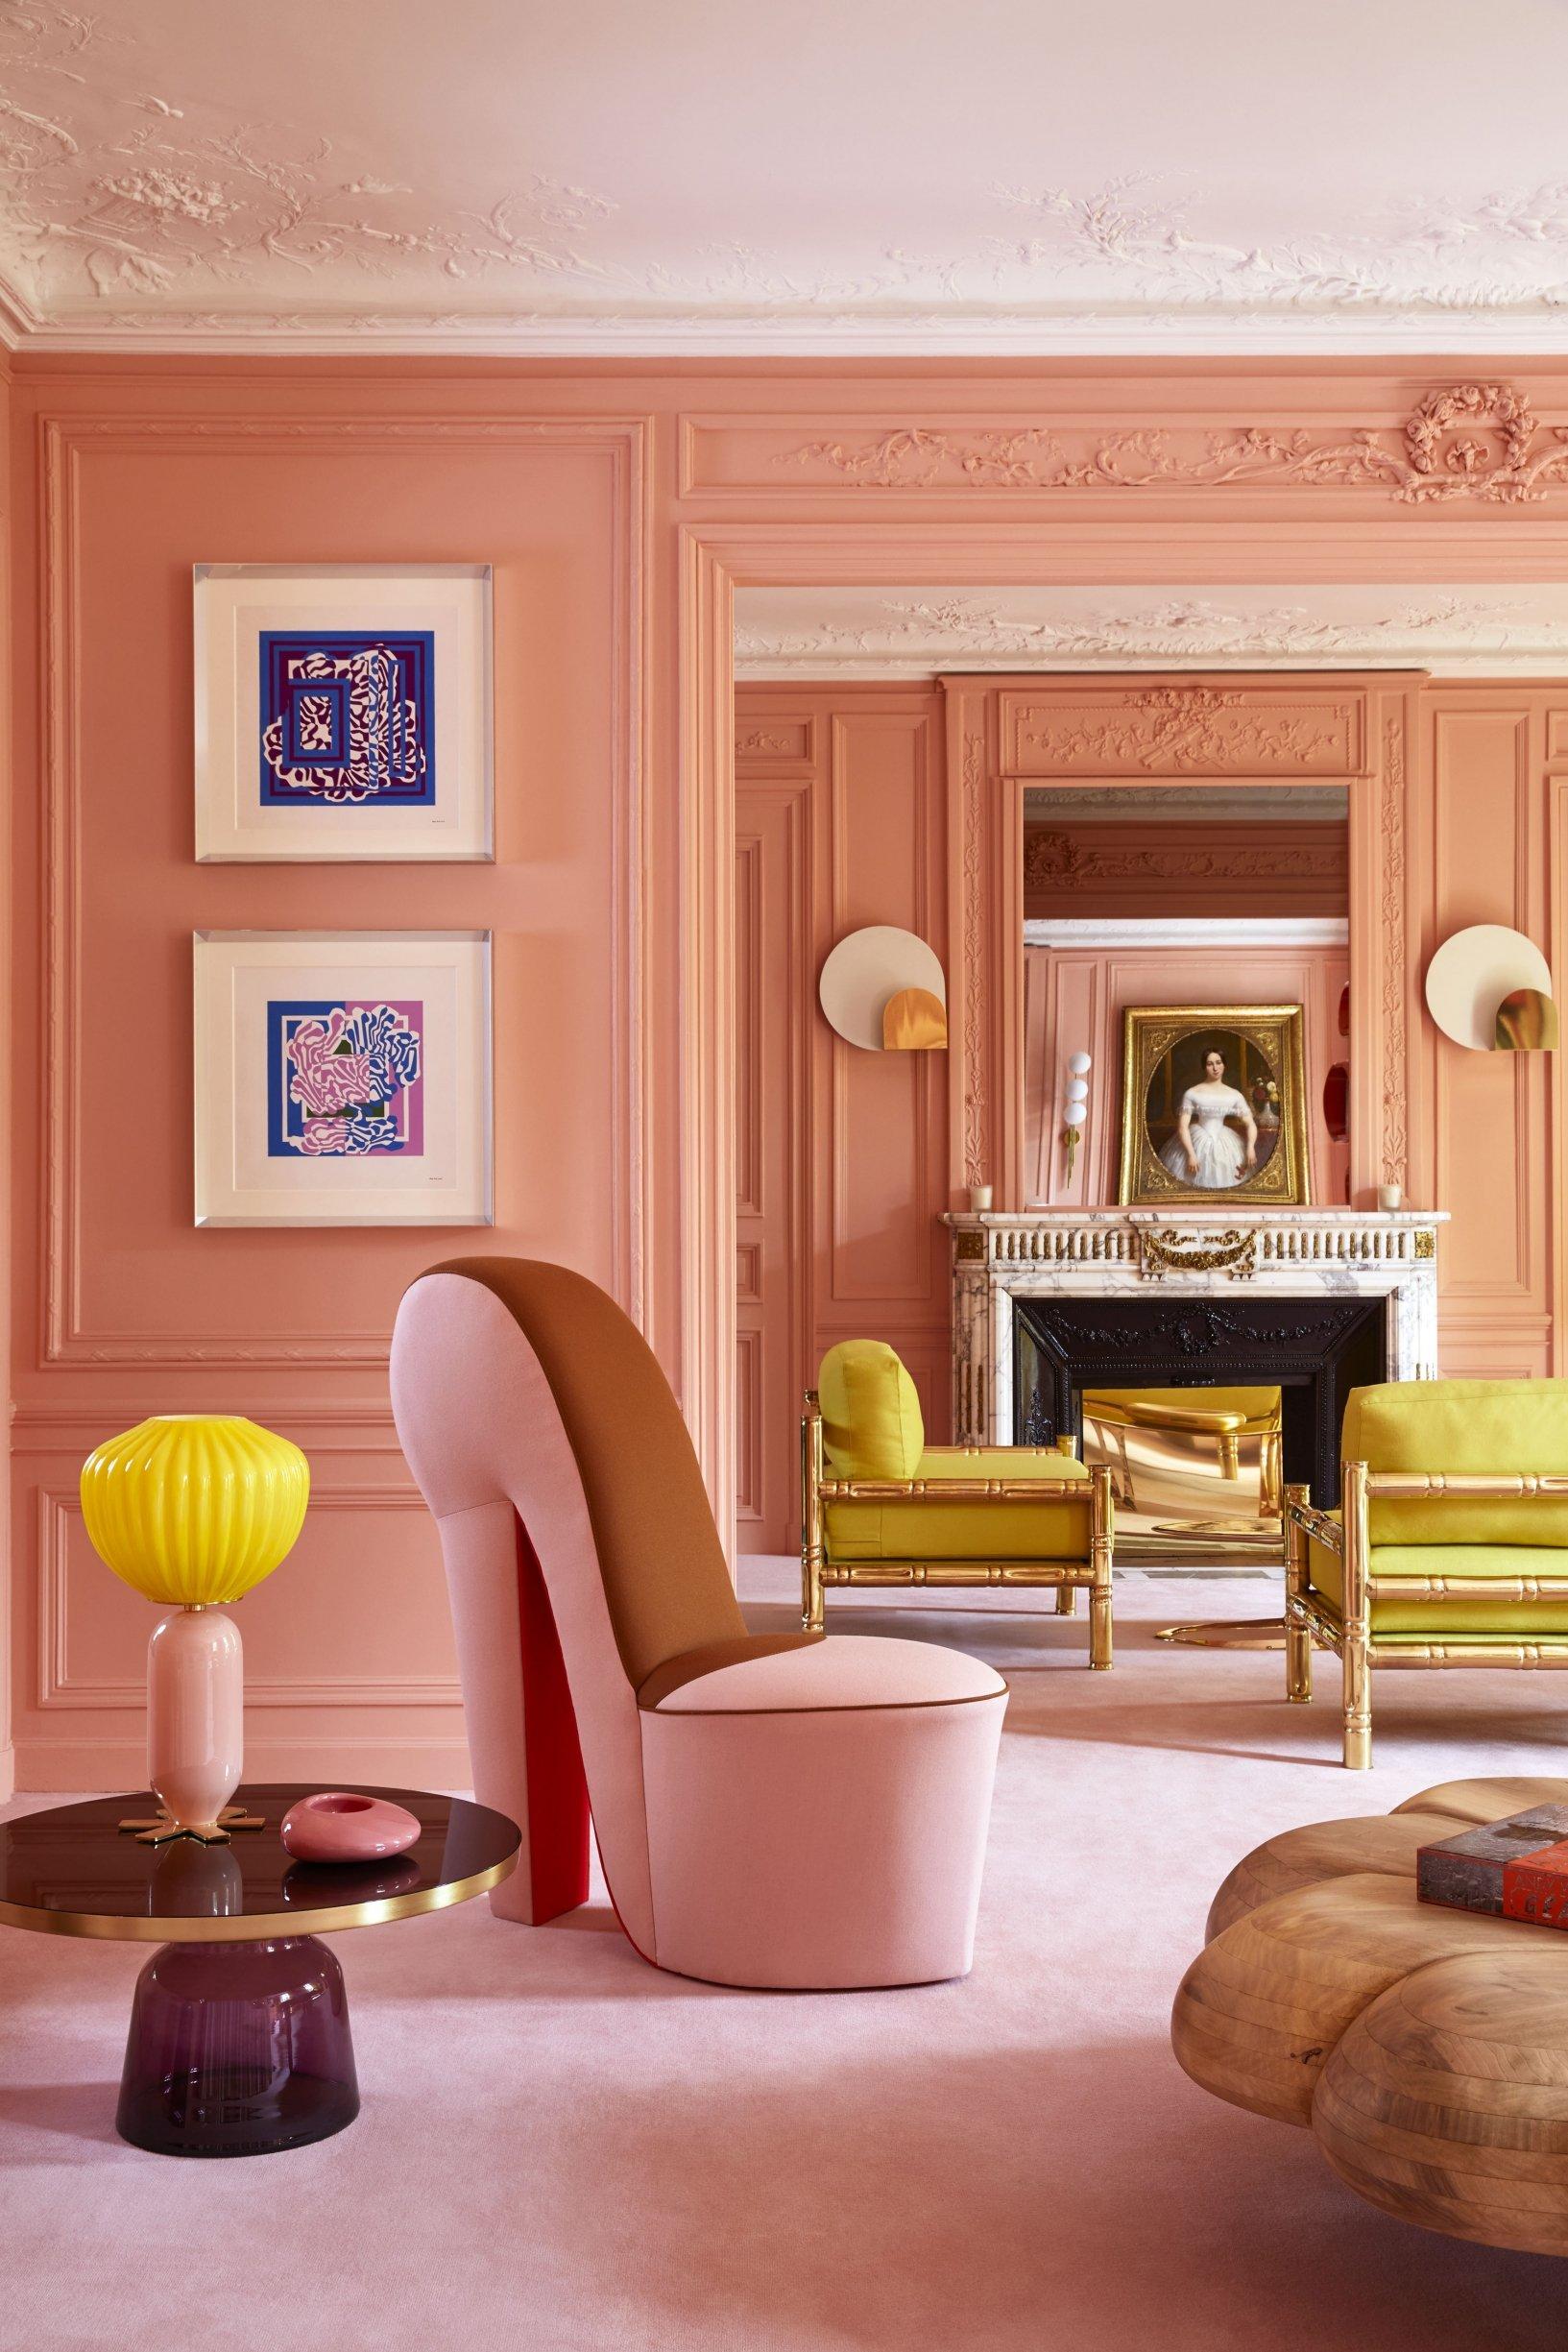 דירה פריזאית של מעצבת חובבת אופנה